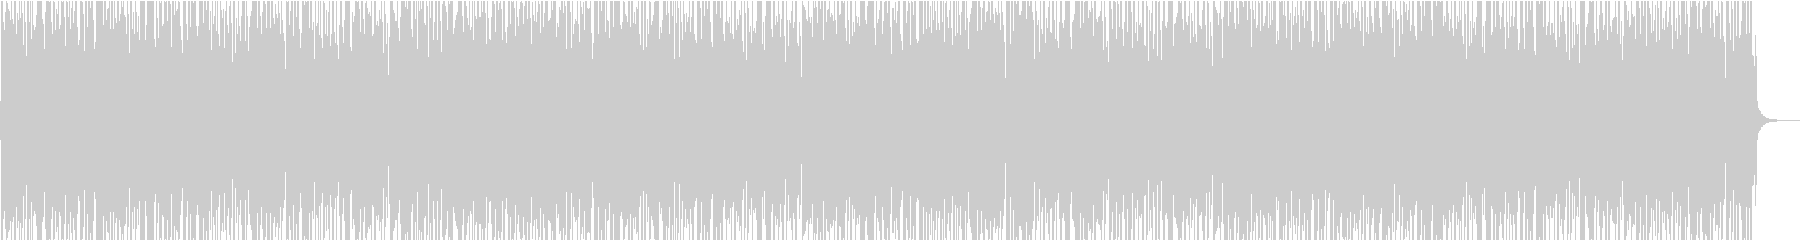 ミディアムテンポのファンクロックの未再生の波形